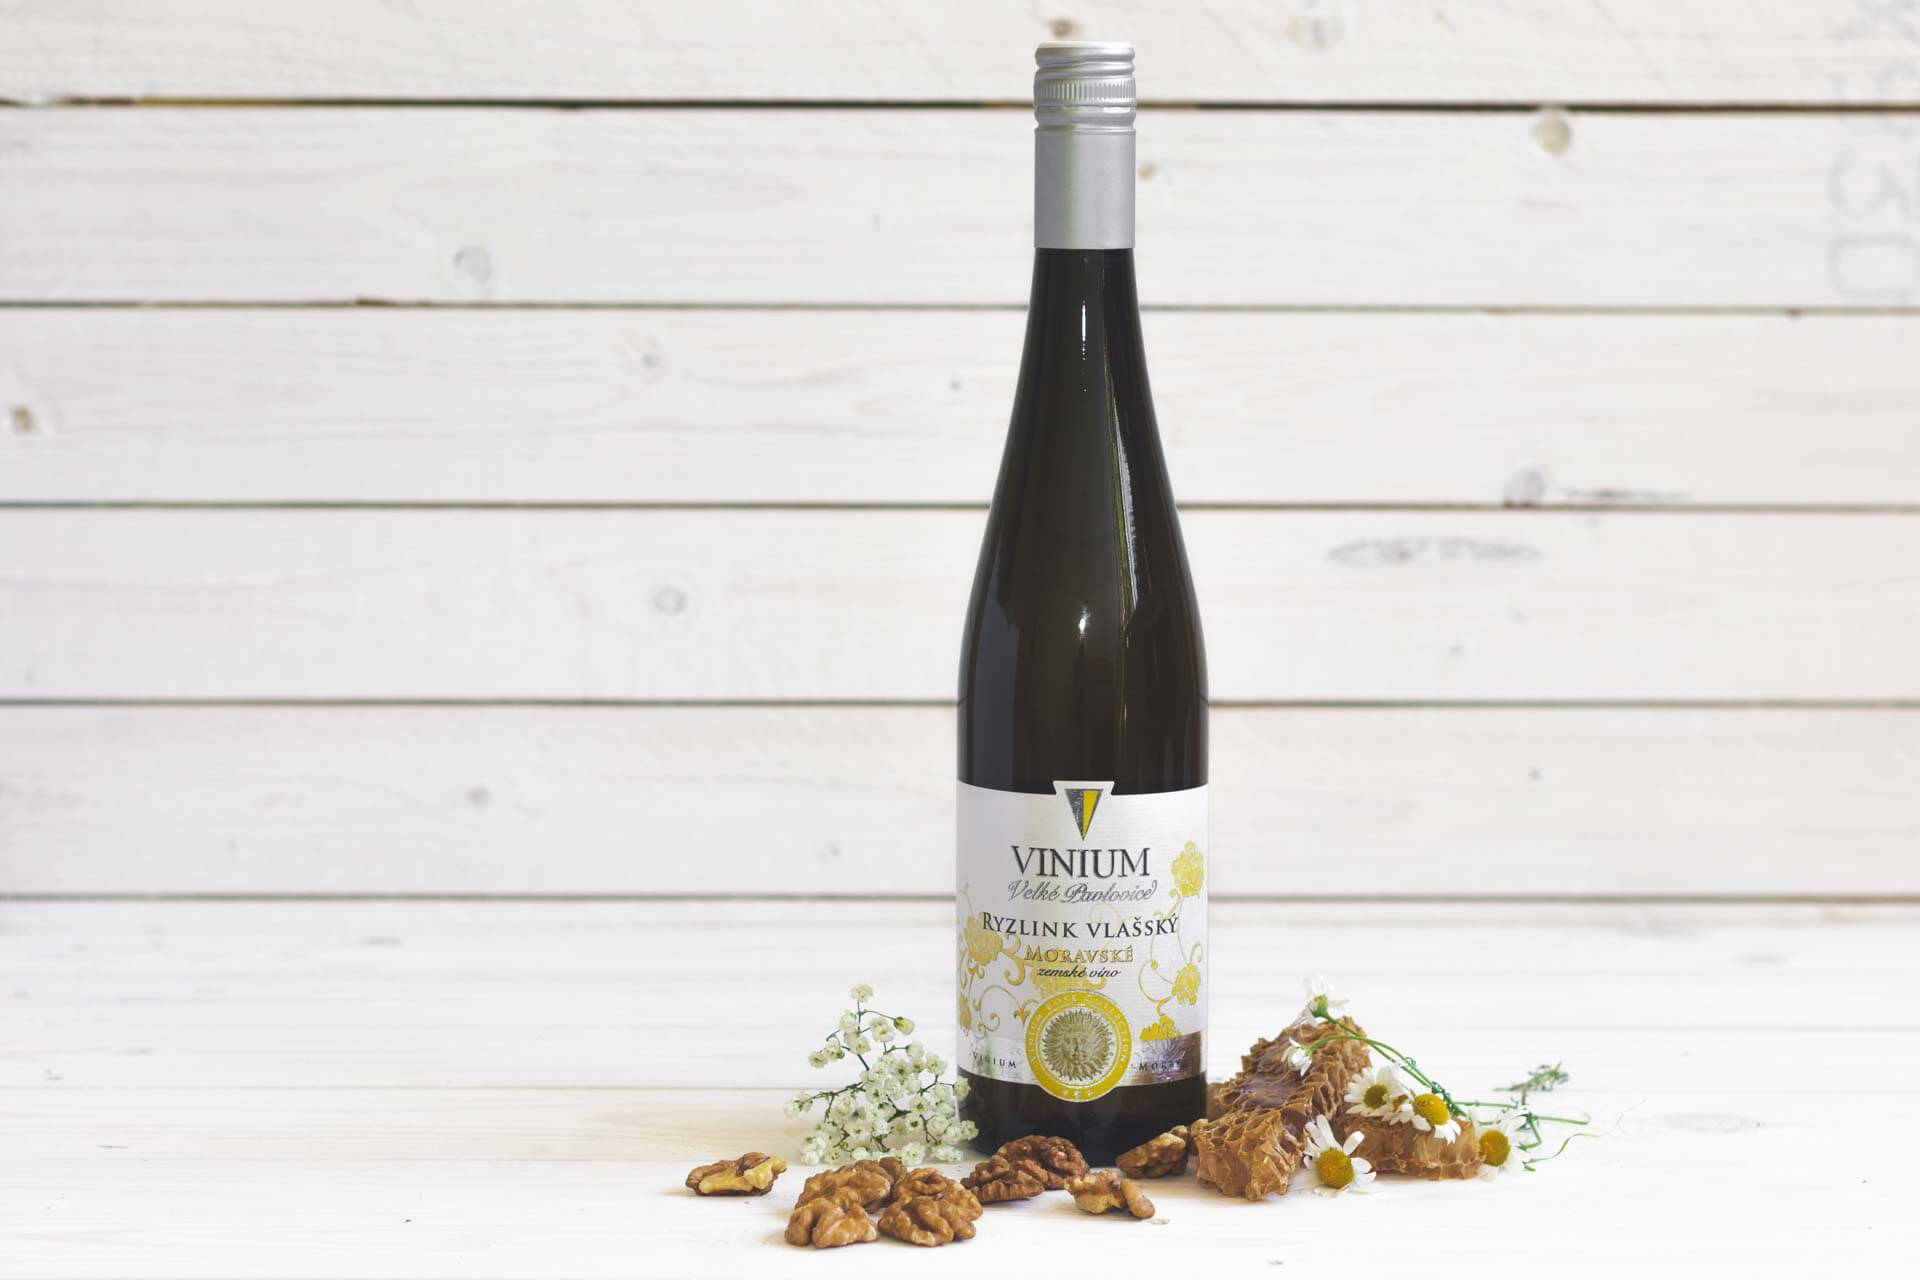 Fotka k článku 2, Ryzlink vlašský, bílé víno, moravské zemské víno, VINIUM